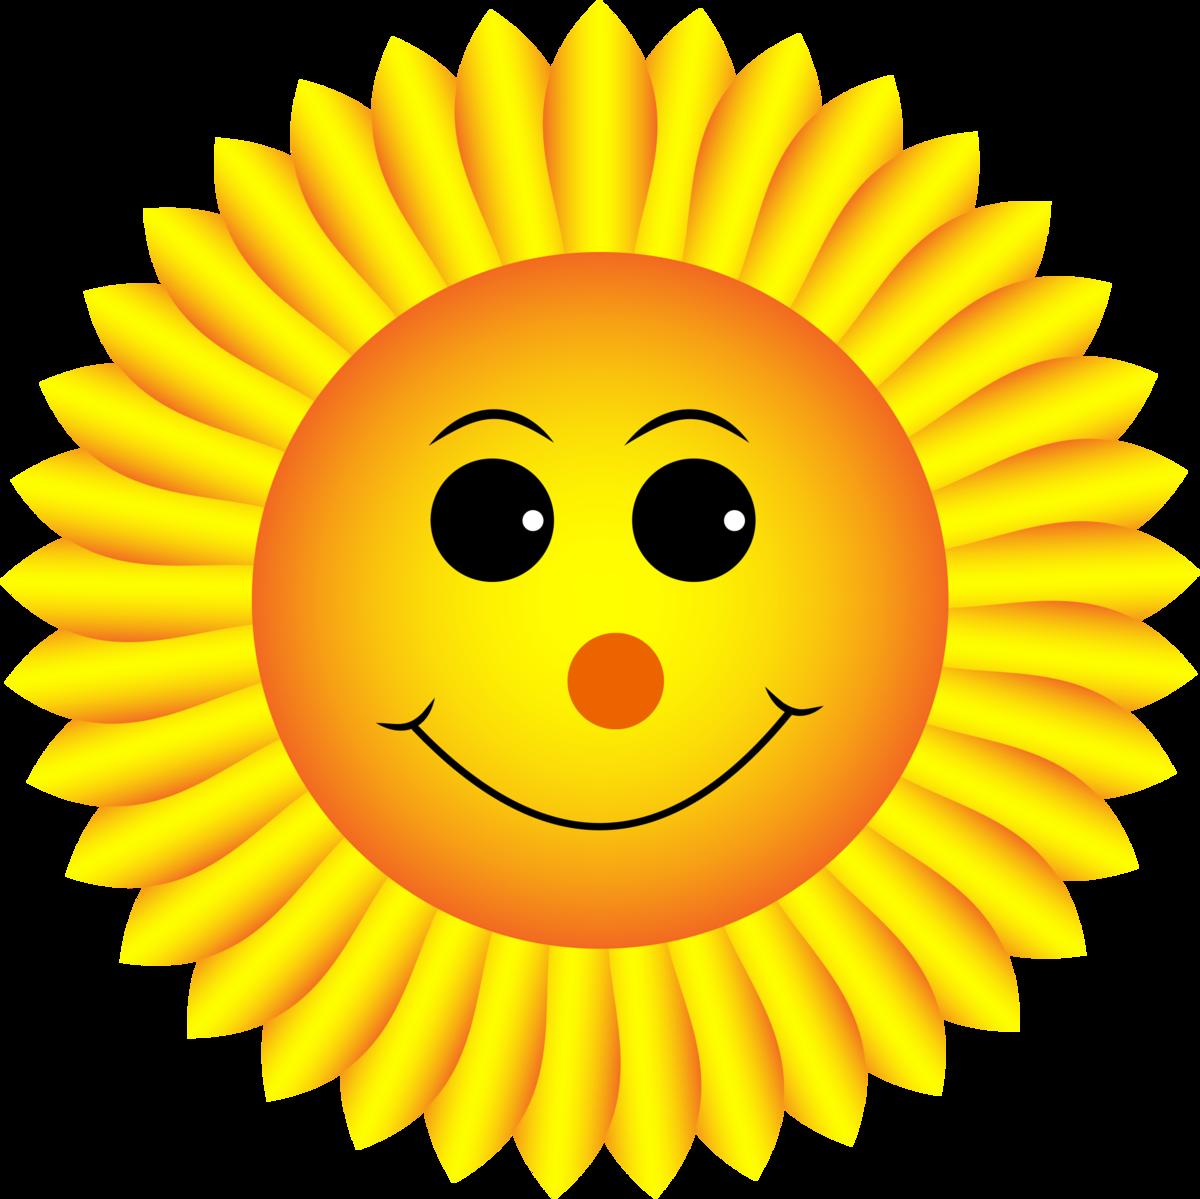 Ангелом хранителем, картинки солнышко с улыбкой